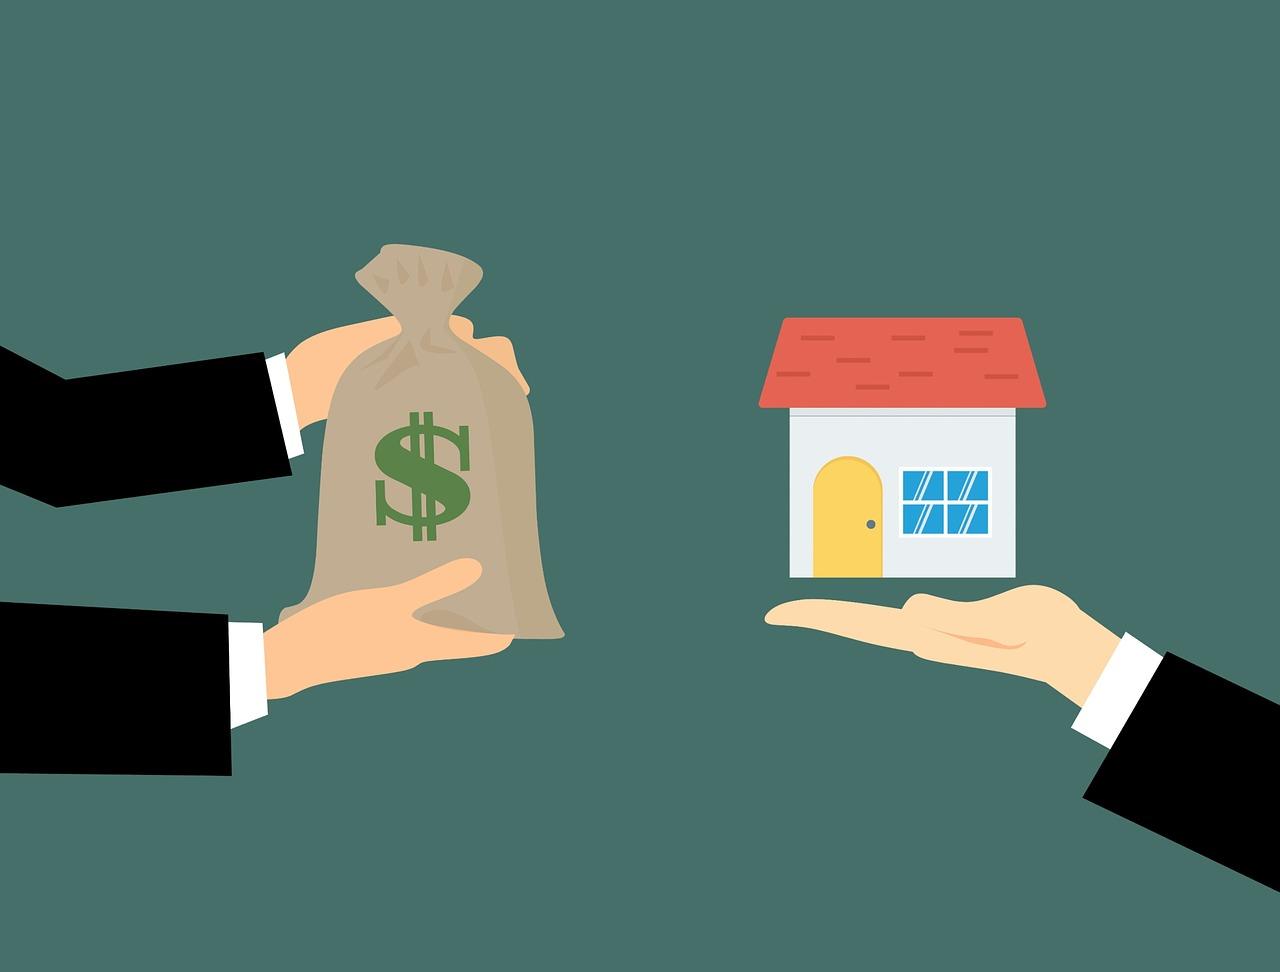 comment-choisir-son-agence-immobiliere-pour-vendre-sa-maison-